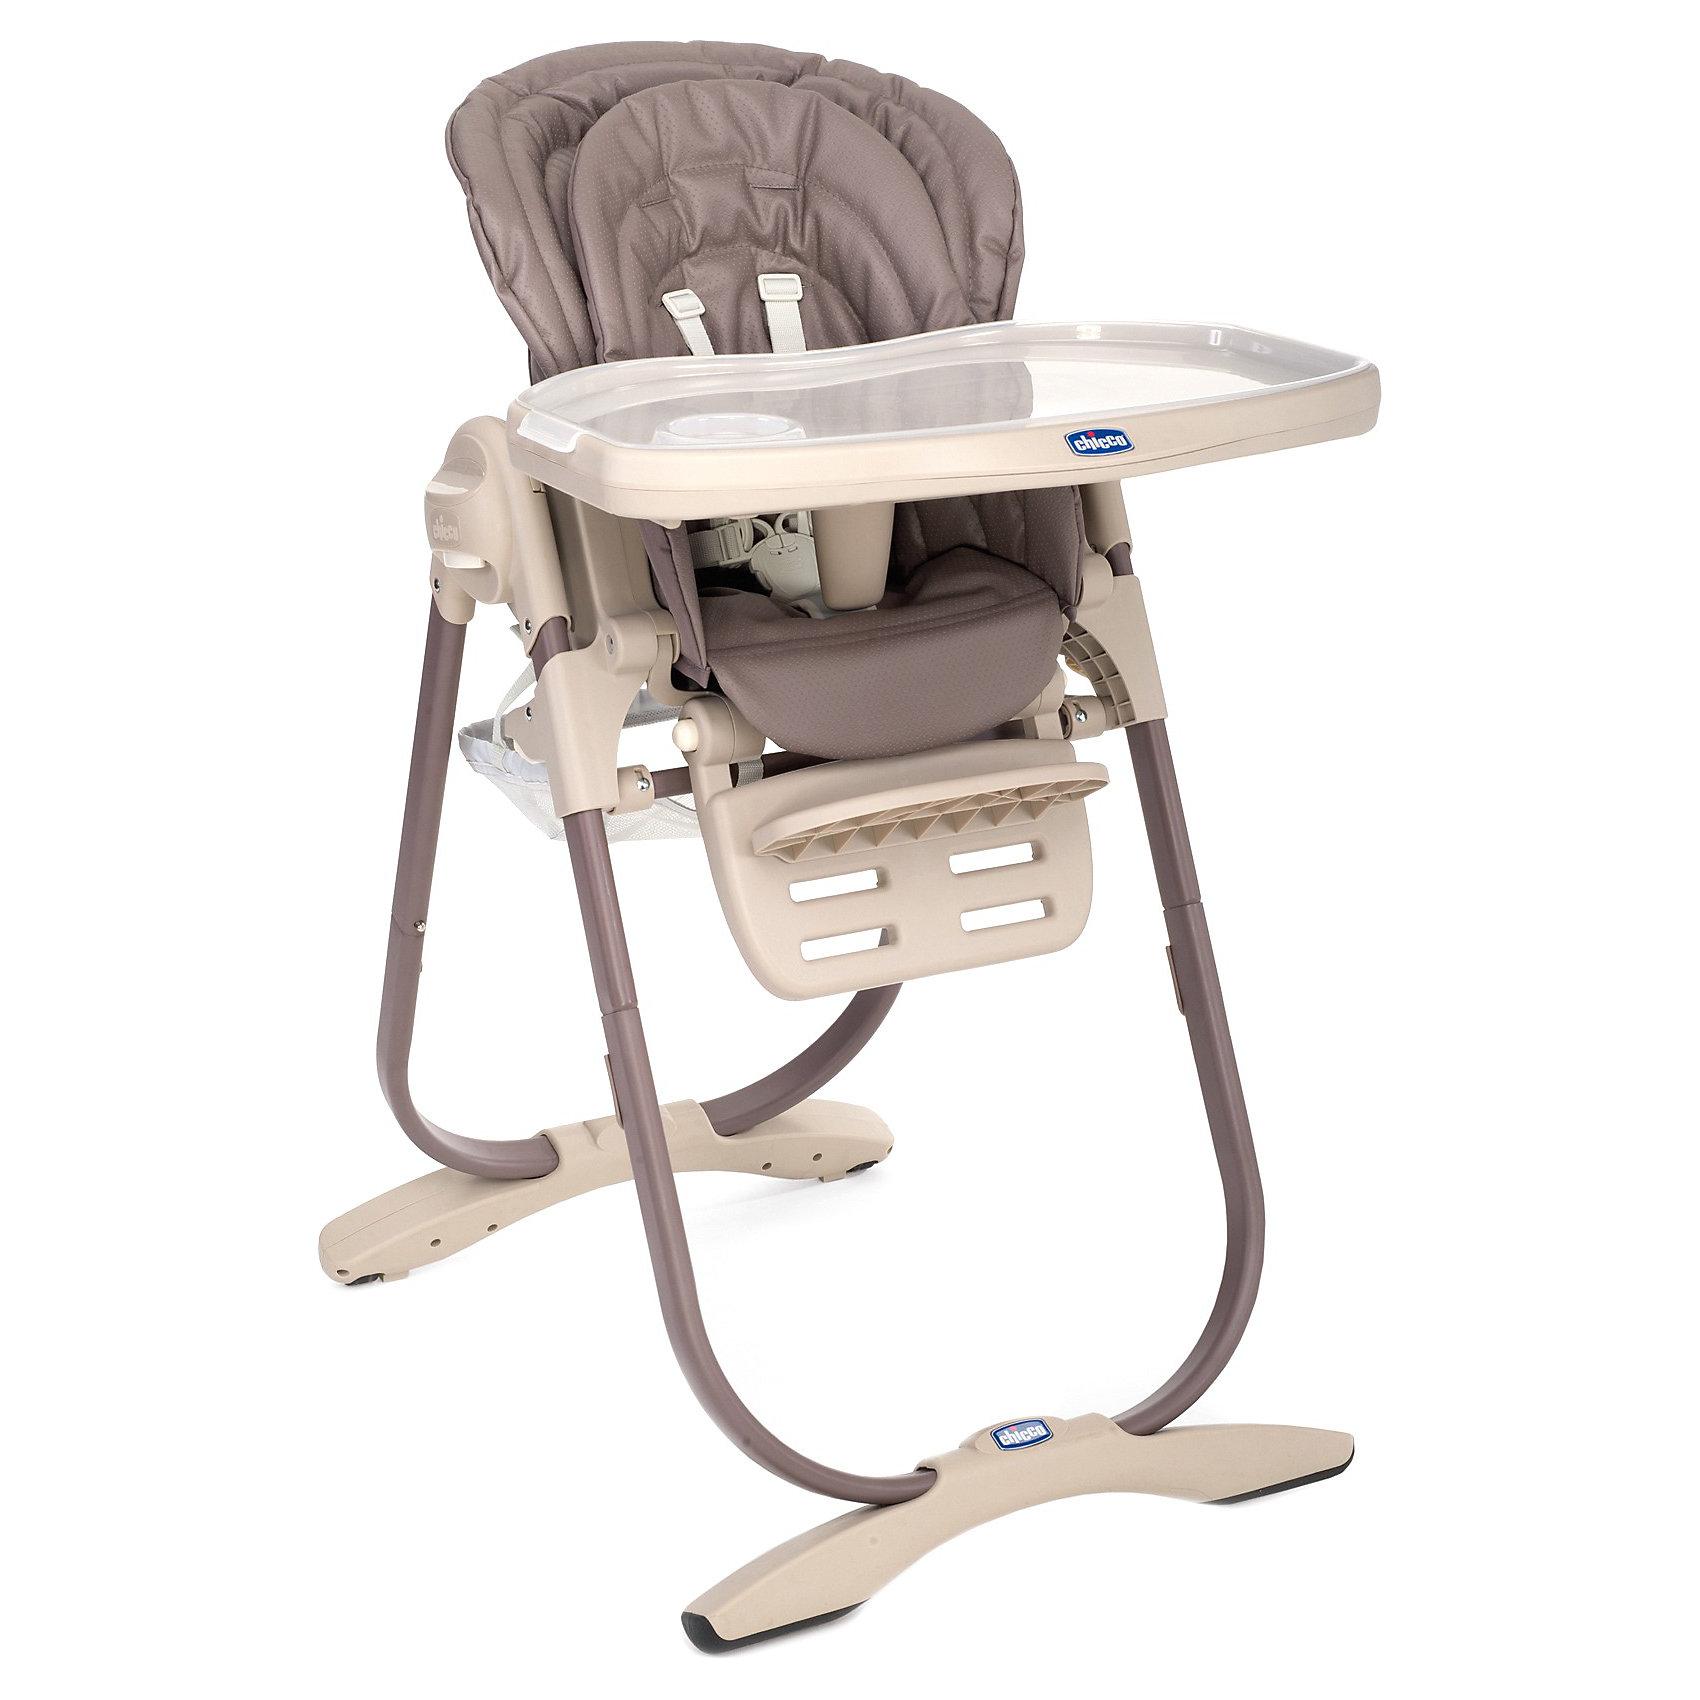 Стульчик для кормления Polly Magic Cocao, ChiccoСтульчики для кормления<br>Стульчик для кормления Polly Magic Cocao, Chicco (Чико), обеспечит комфорт и безопасность Вашего малыша во время кормления. Спинка сиденья регулируется в 3 положениях (сидя, полусидя, лежа), что позволяет использовать стульчик как для кормления так и для игр и сна. Для новорожденных детей до 6 месяцев можно использовать стульчик как шезлонг, установив спинку в положении полулежа и прикрепив дугу с разноцветными игрушками. Для детей возрастом от 6 до 12 месяцев его можно превратить в высокий детский стульчик. Удобное эргономичное сиденье оснащено регулируемыми 5-точечными ремнями безопасности, внутри имеется съемный мягкий вкладыш с набивкой. Высота стула регулируется в 6 положениях. Подножка также регулируется в 3-х положениях по высоте. <br><br>Широкий съемный столик имеет крышку с отделением для кружки или стакана, которую можно снять и использовать основную поверхность для игр и занятий. Столик легко снимается нажатием одной кнопки. Для детей от года до 3 лет стул можно использовать без столика для<br>кормления, придвинув его к столу для взрослых. Внизу стульчика крепится вместительная корзина для детских принадлежностей. Тканевые детали снимаются для чистки. Стульчик легко складывается с помощью кнопки регулировки и складывания Easy Touch и занимает мало места при хранении.<br><br>Дополнительная информация:<br><br>- Цвет: cacao.<br>- Материал: пластик, металл, текстиль.<br>- Размер в разложенном состоянии: 104,5 х 63,5 х 85 см. <br>- Размер в сложенном состоянии: 100 х 55 х 27 см. <br>- Вес: 12,535 кг.<br><br>Стульчик для кормления Polly Magic Cocao, Chicco (Чико), можно купить в нашем интернет-магазине.<br><br>Ширина мм: 620<br>Глубина мм: 560<br>Высота мм: 315<br>Вес г: 12758<br>Цвет: коричневый<br>Возраст от месяцев: 6<br>Возраст до месяцев: 36<br>Пол: Унисекс<br>Возраст: Детский<br>SKU: 3836623